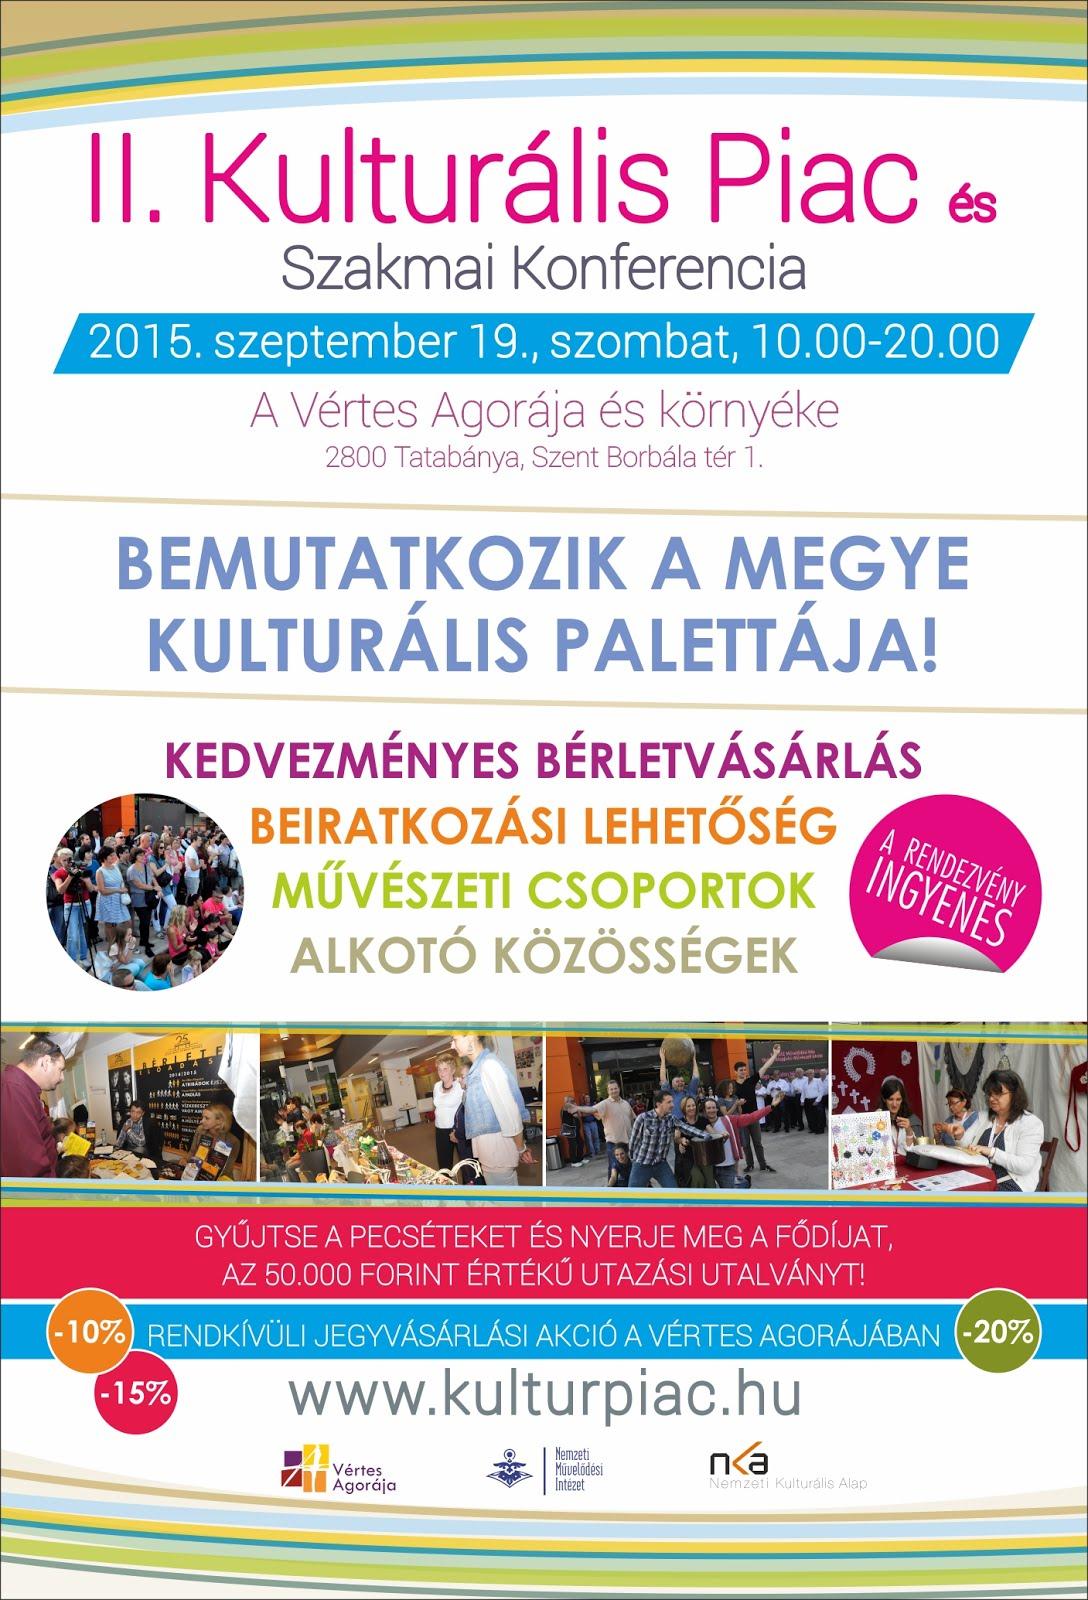 II. Kulturális Piac és Szakmai Konferencia